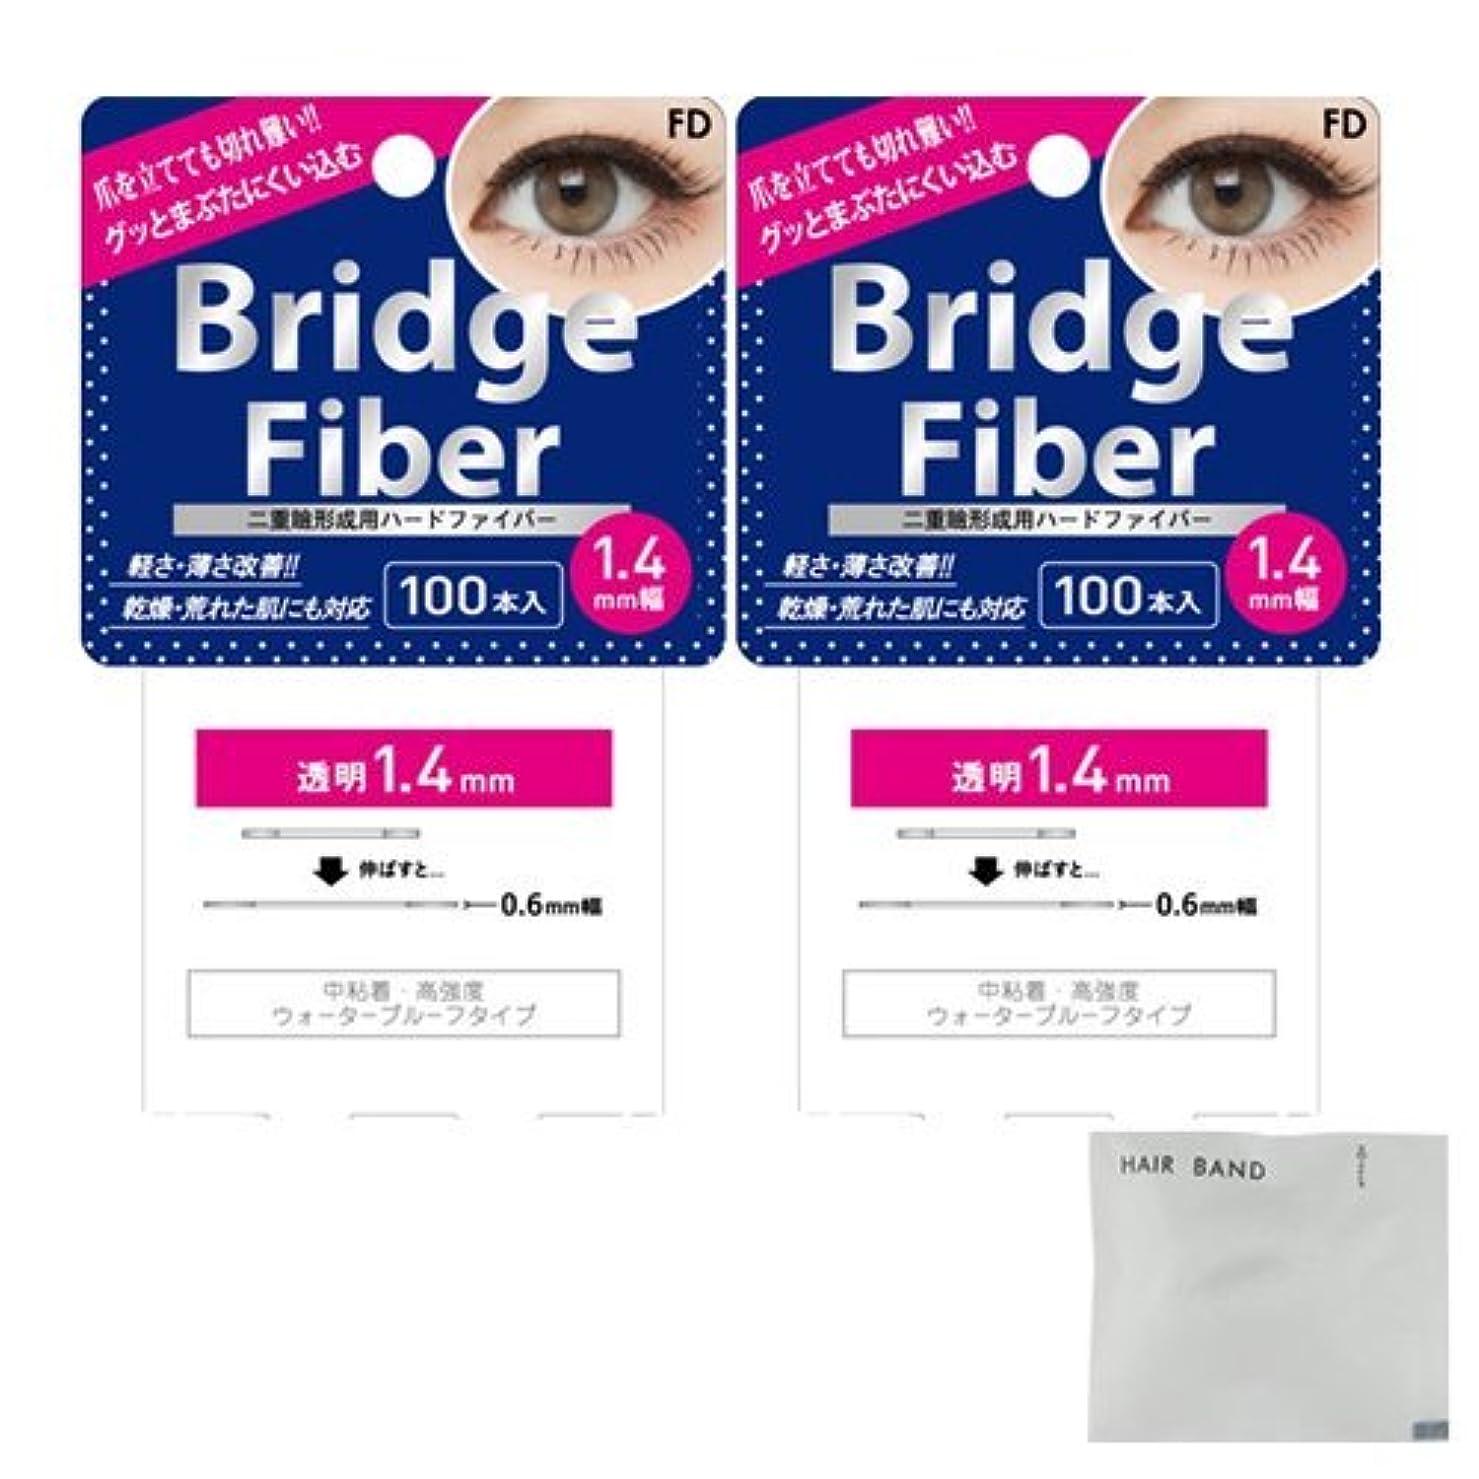 どっち一定息切れFD ブリッジファイバーⅡ (Bridge Fiber) クリア1.4mm×2個 + ヘアゴム(カラーはおまかせ)セット